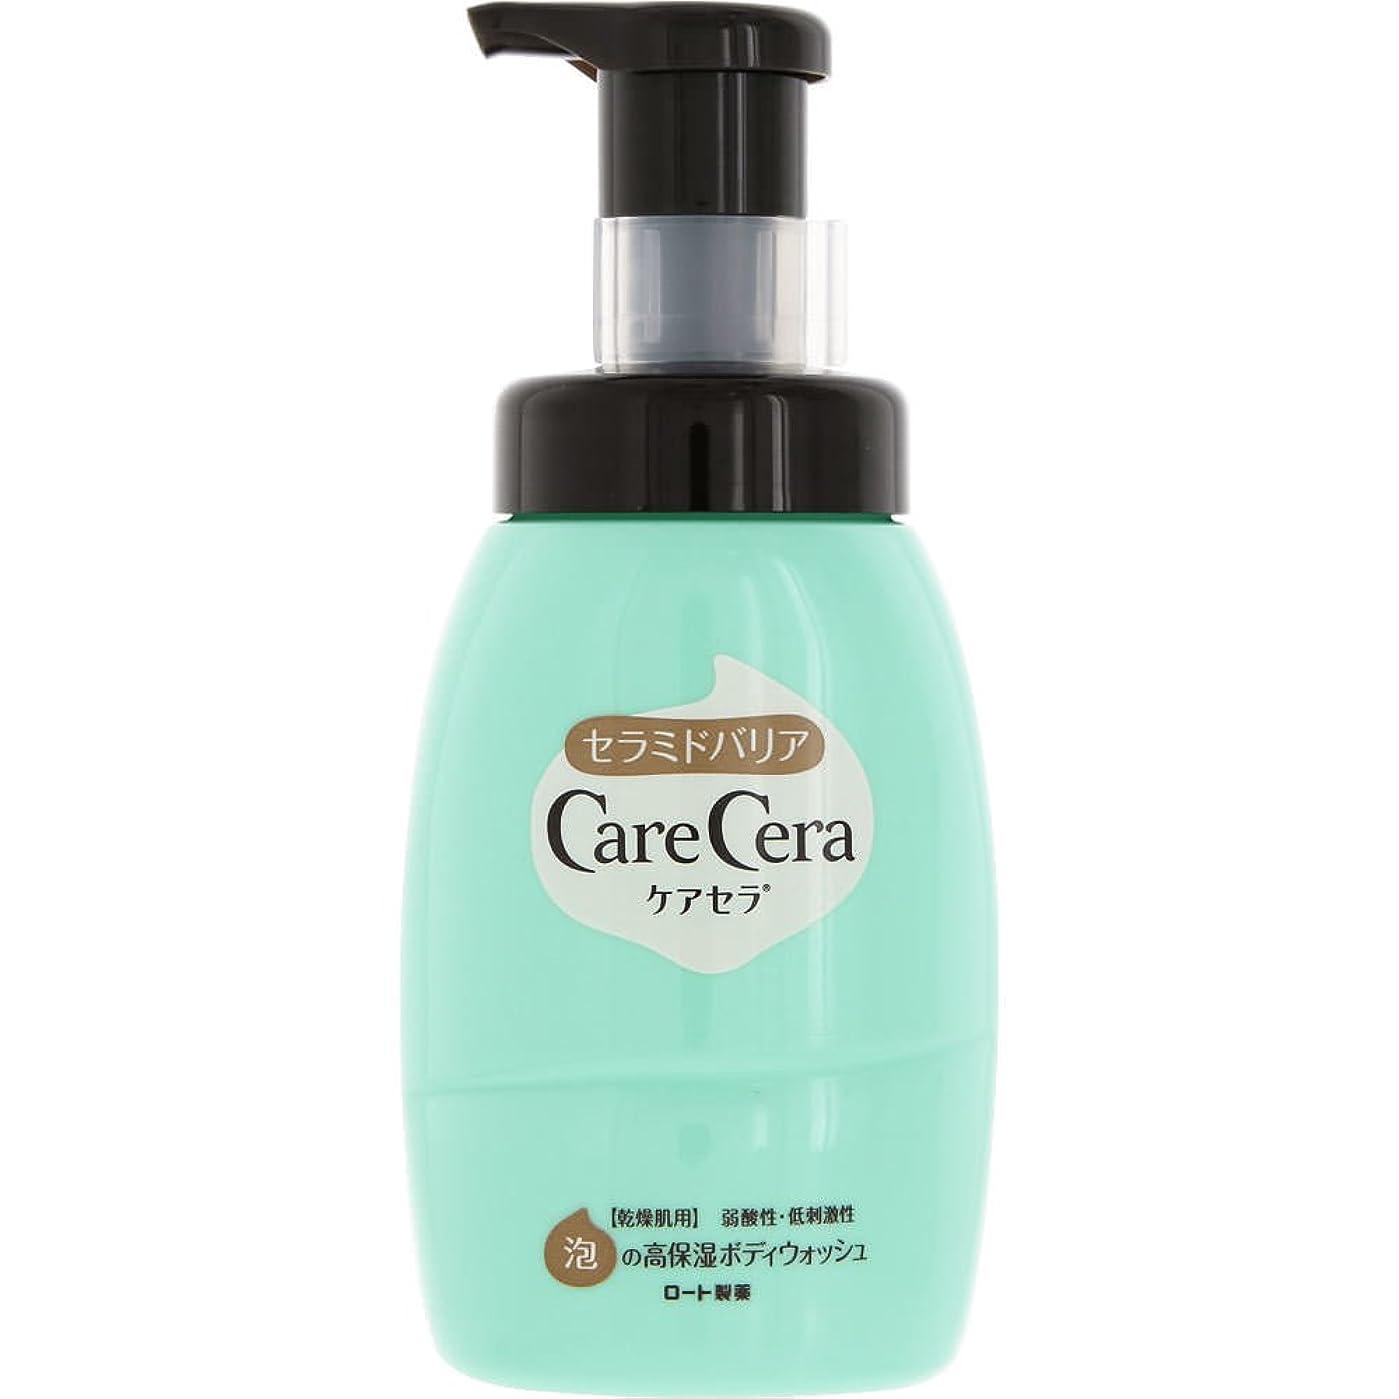 鎮痛剤教育する絶えずケアセラ(CareCera) ロート製薬 ケアセラ  天然型セラミド7種配合 セラミド濃度10倍泡の高保湿 全身ボディウォッシュ ピュアフローラルの香り お試し企画品 300mL